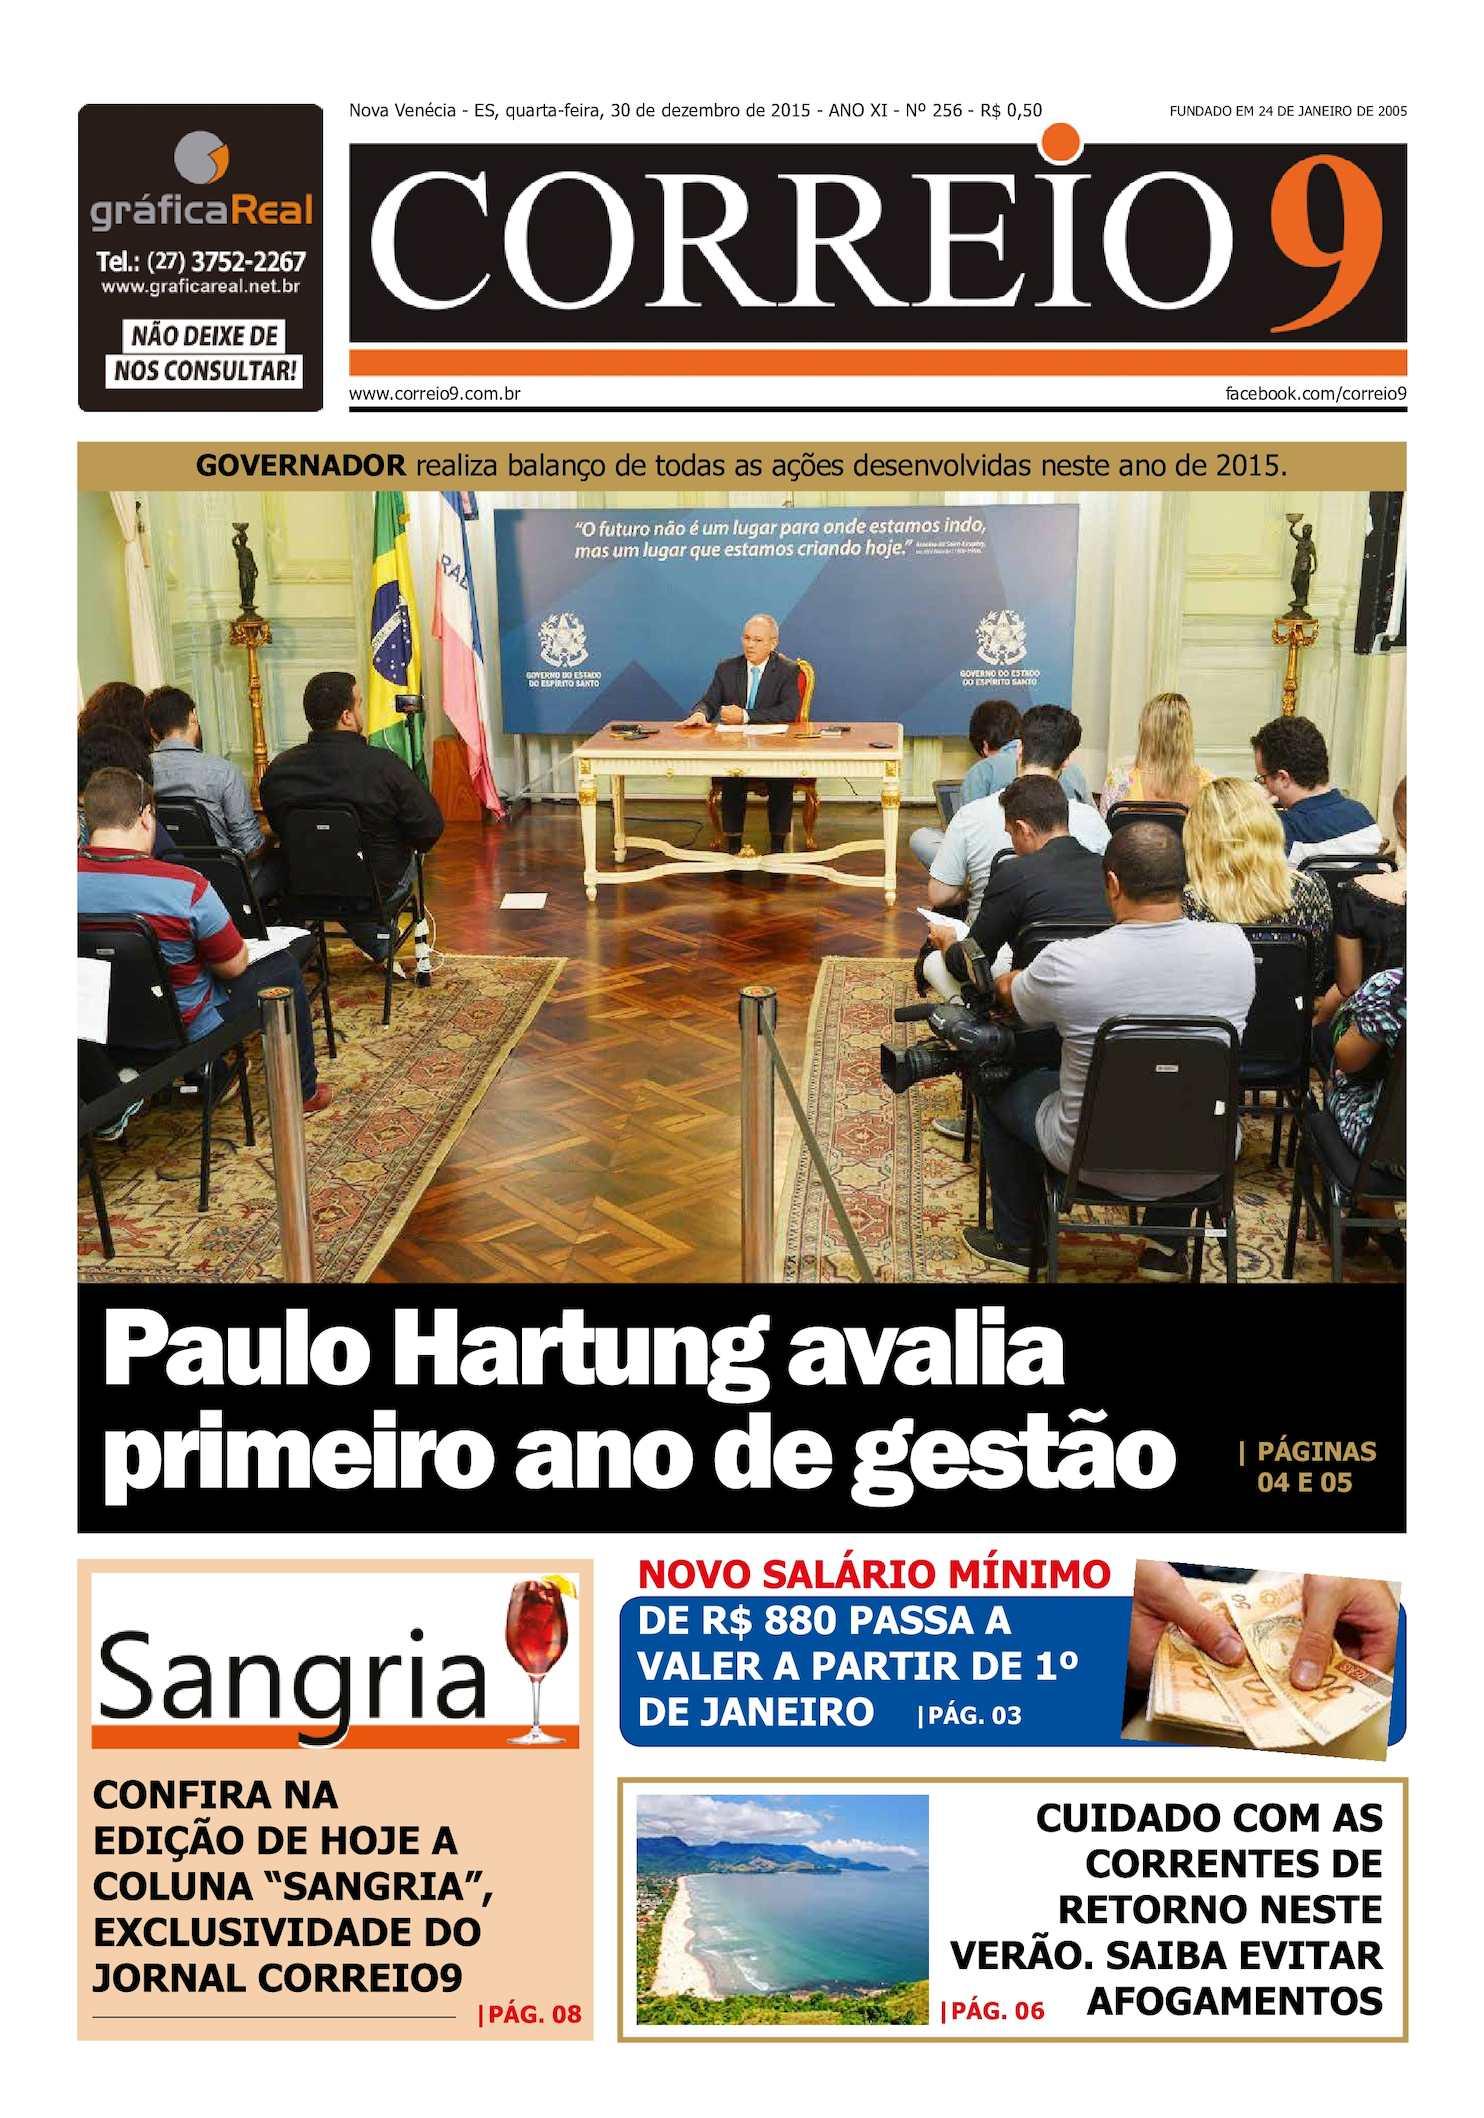 Calaméo - Jornal Correio9 Edição 256 e60eb8dc47a5d